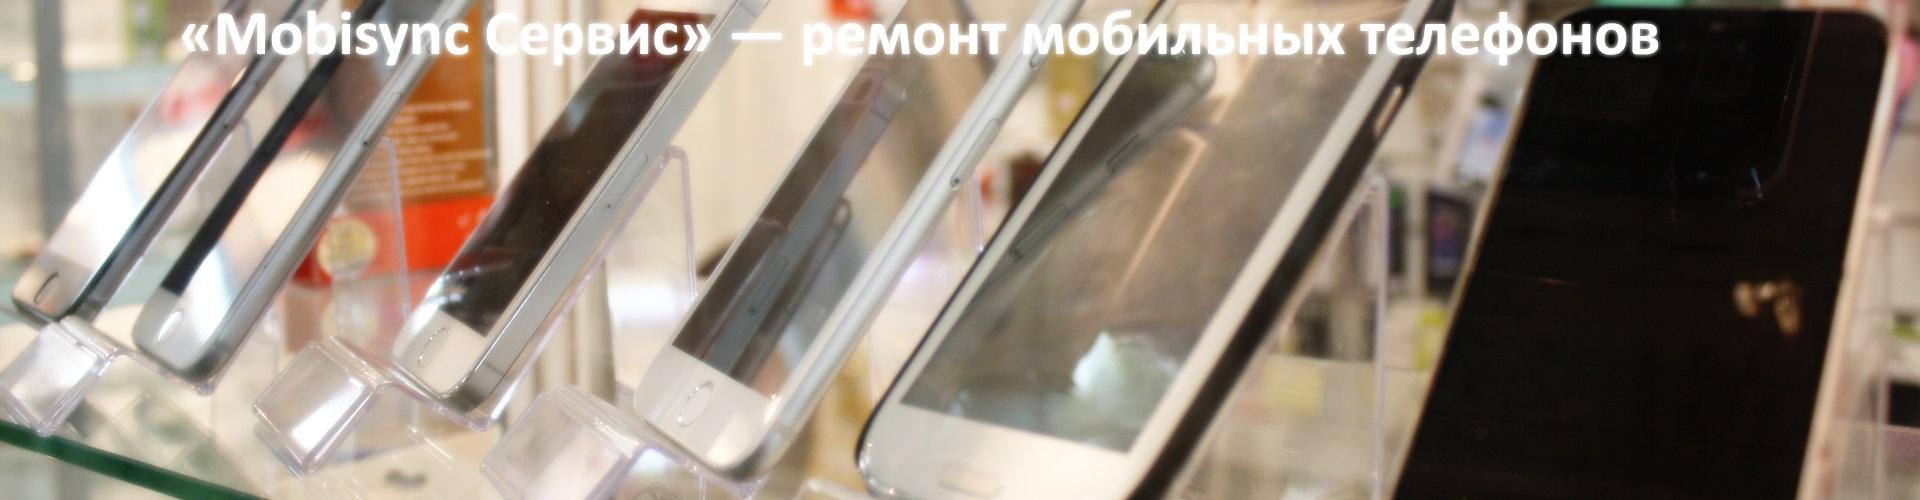 Ремонт мобильных телефонов СПб